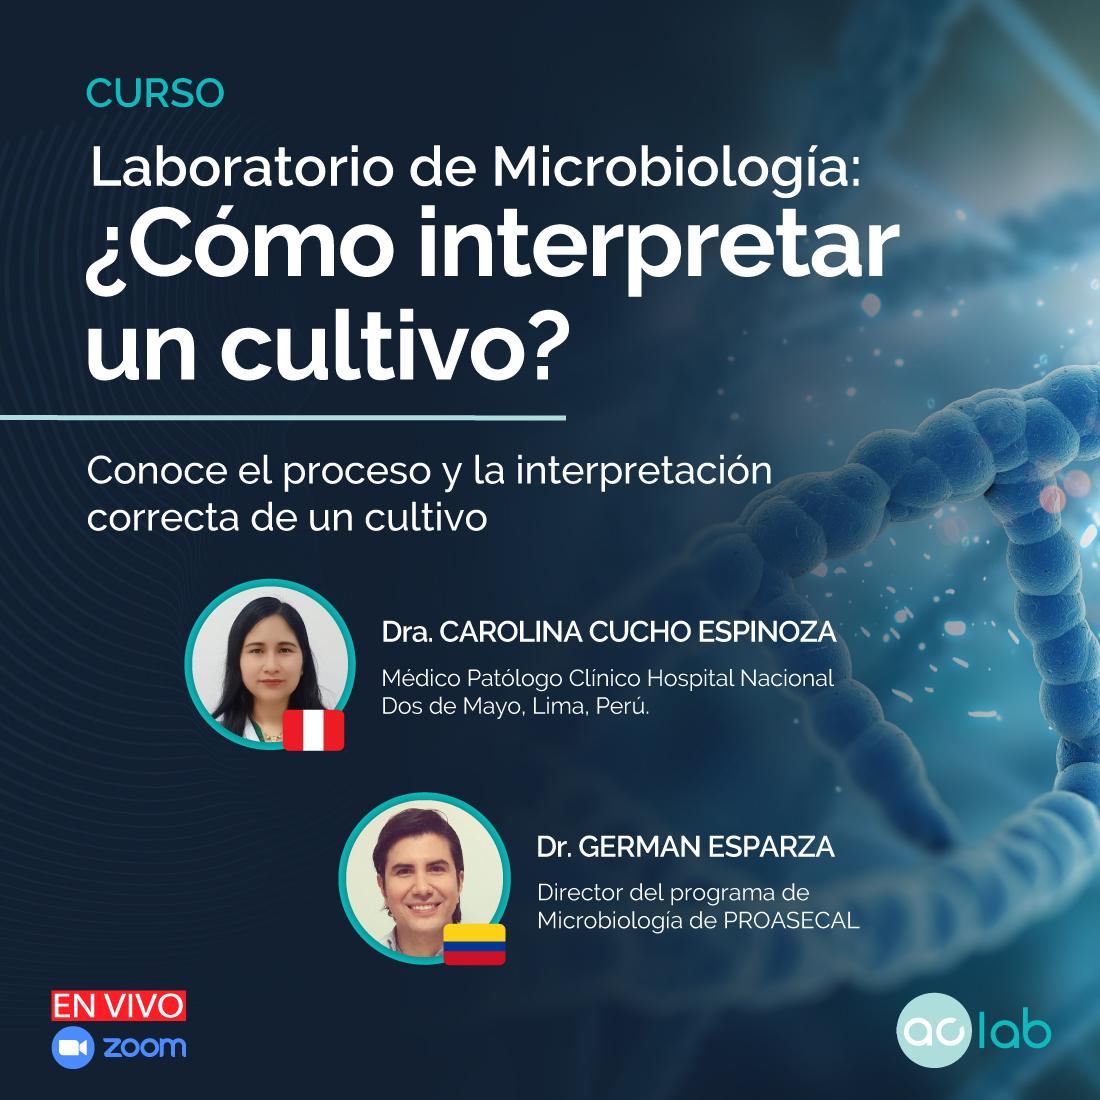 Laboratorio en Microbiologia: Cómo interpretar un cultivo